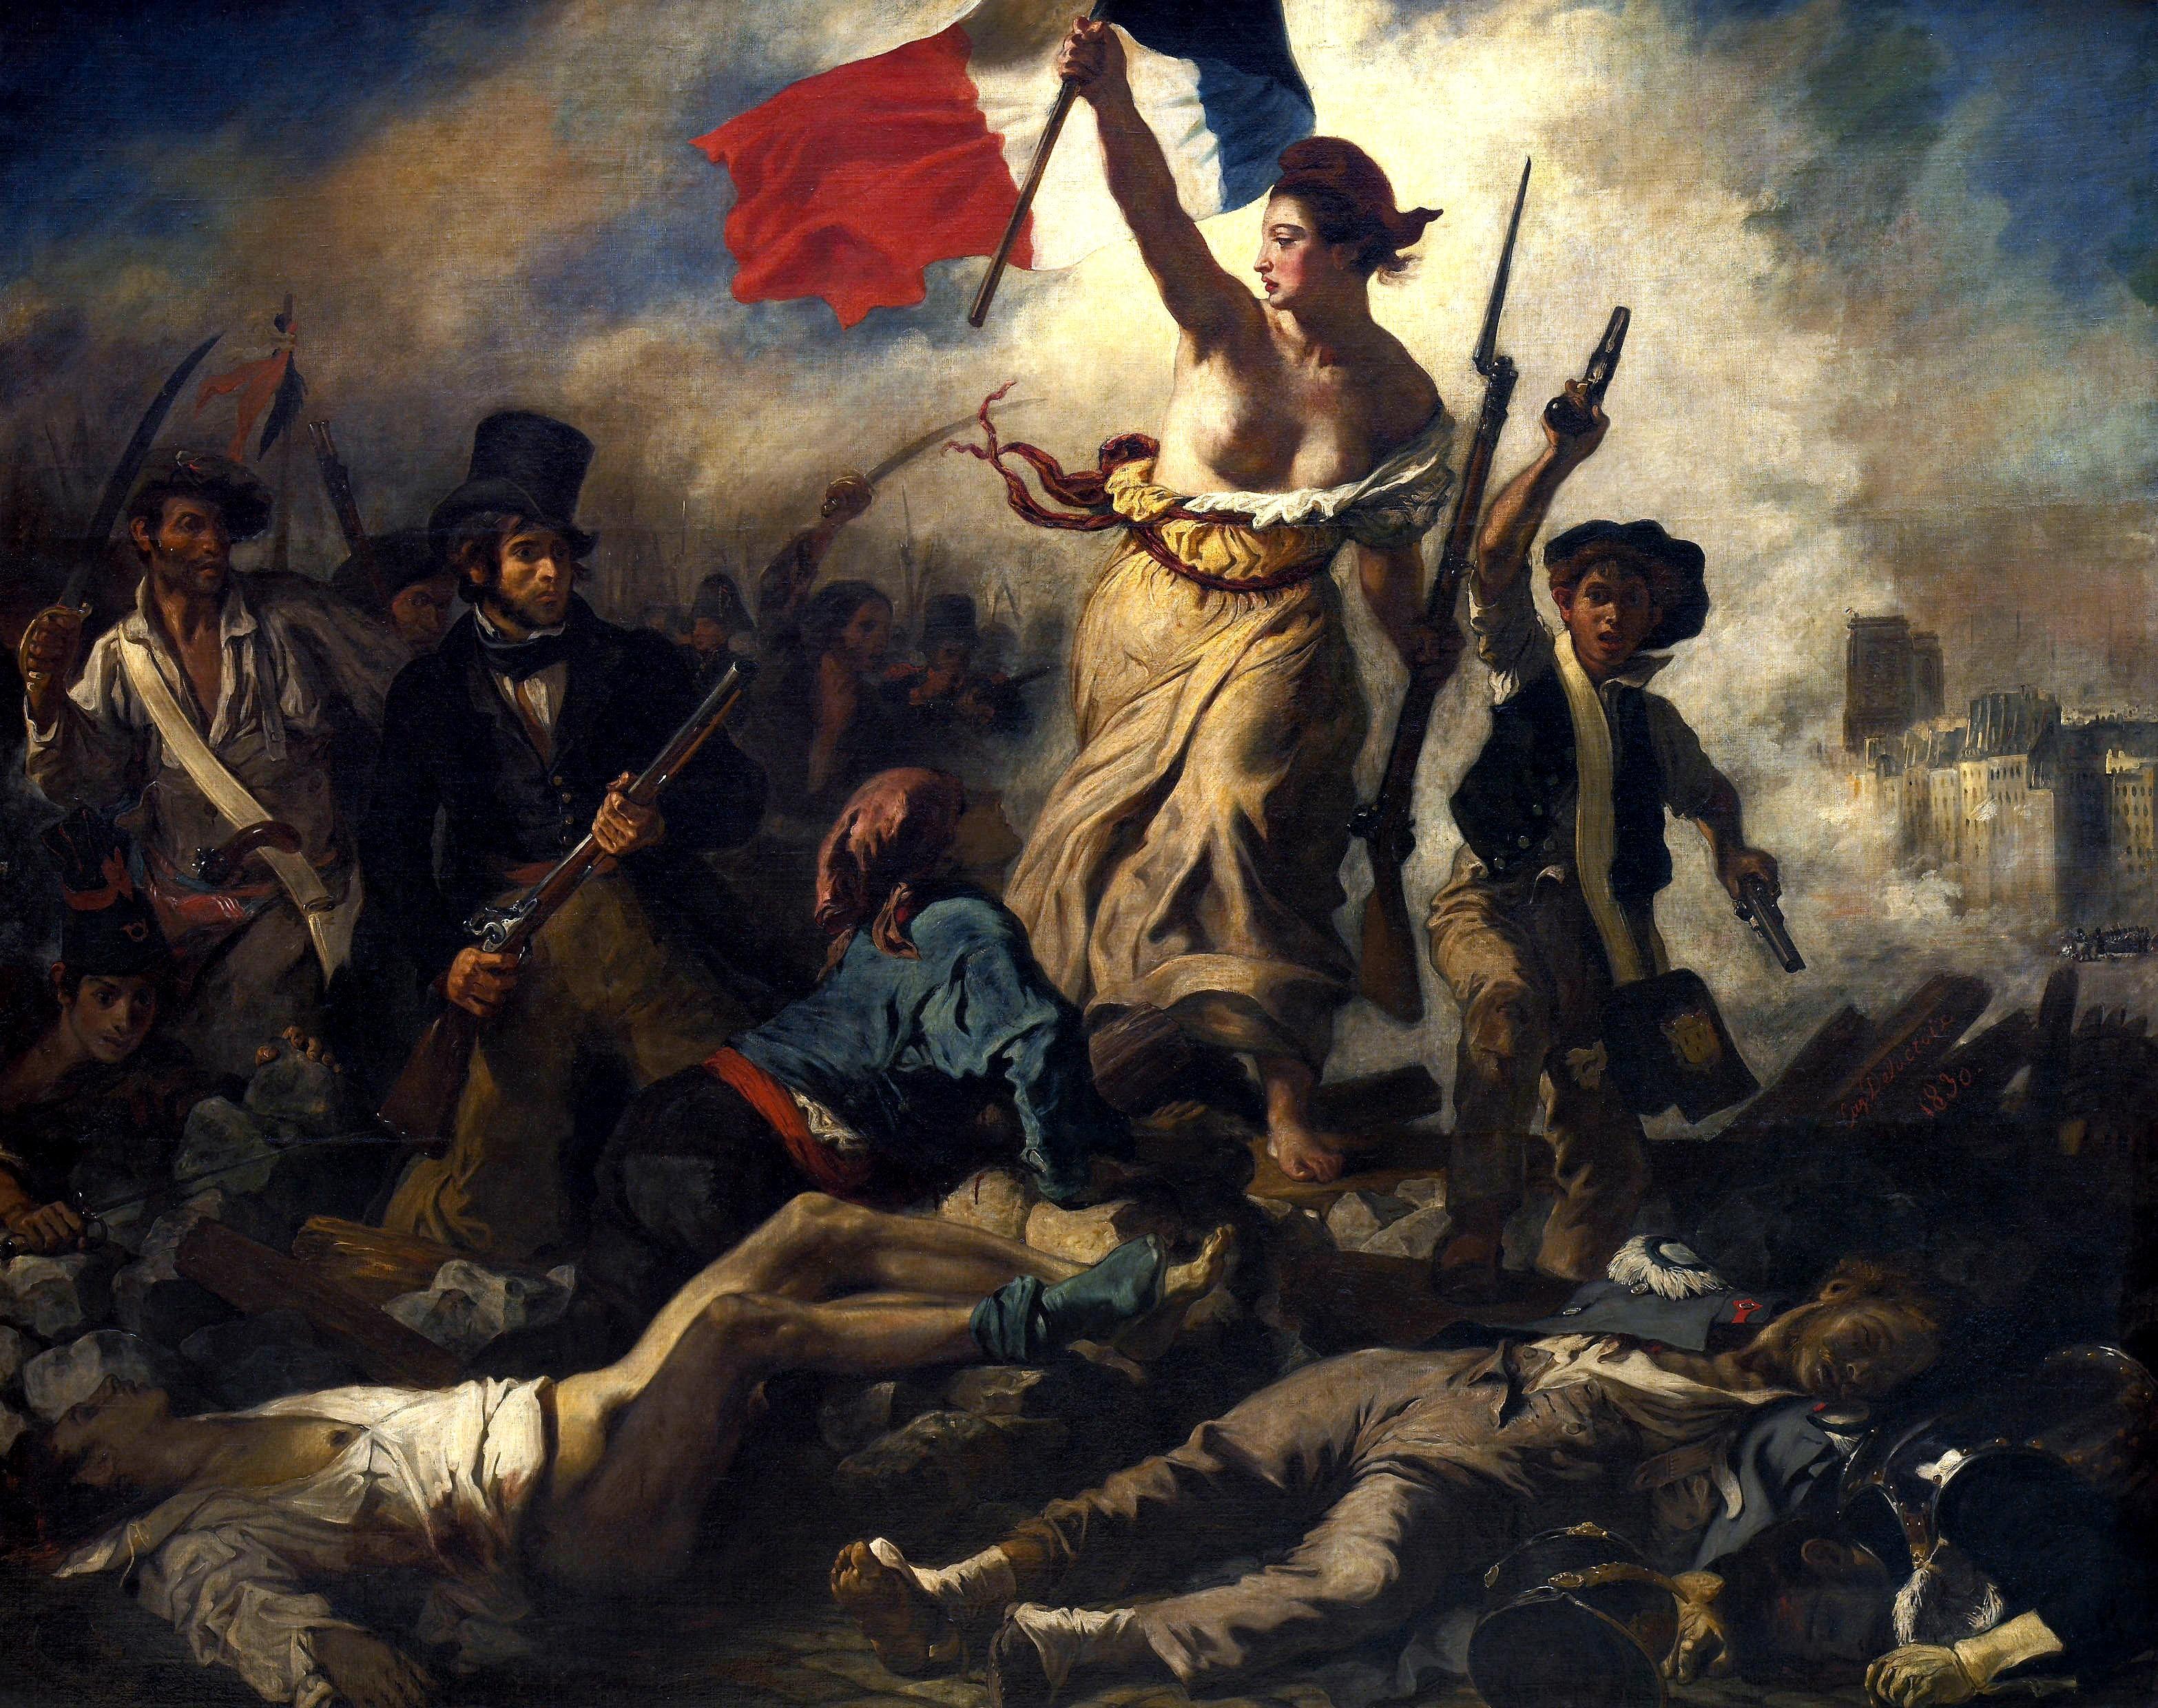 Eugène_Delacroix_-_La_liberté_guidant_le_peuple.jpg